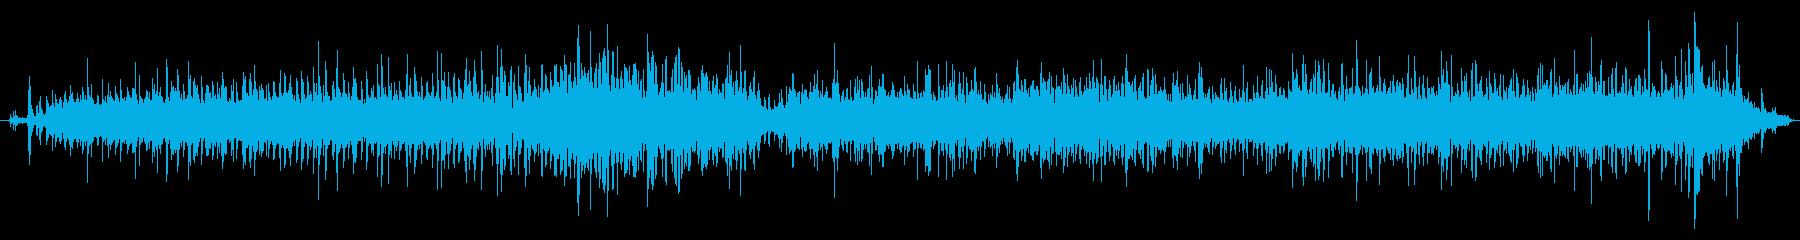 メタルペダルボート:オンボード:ス...の再生済みの波形